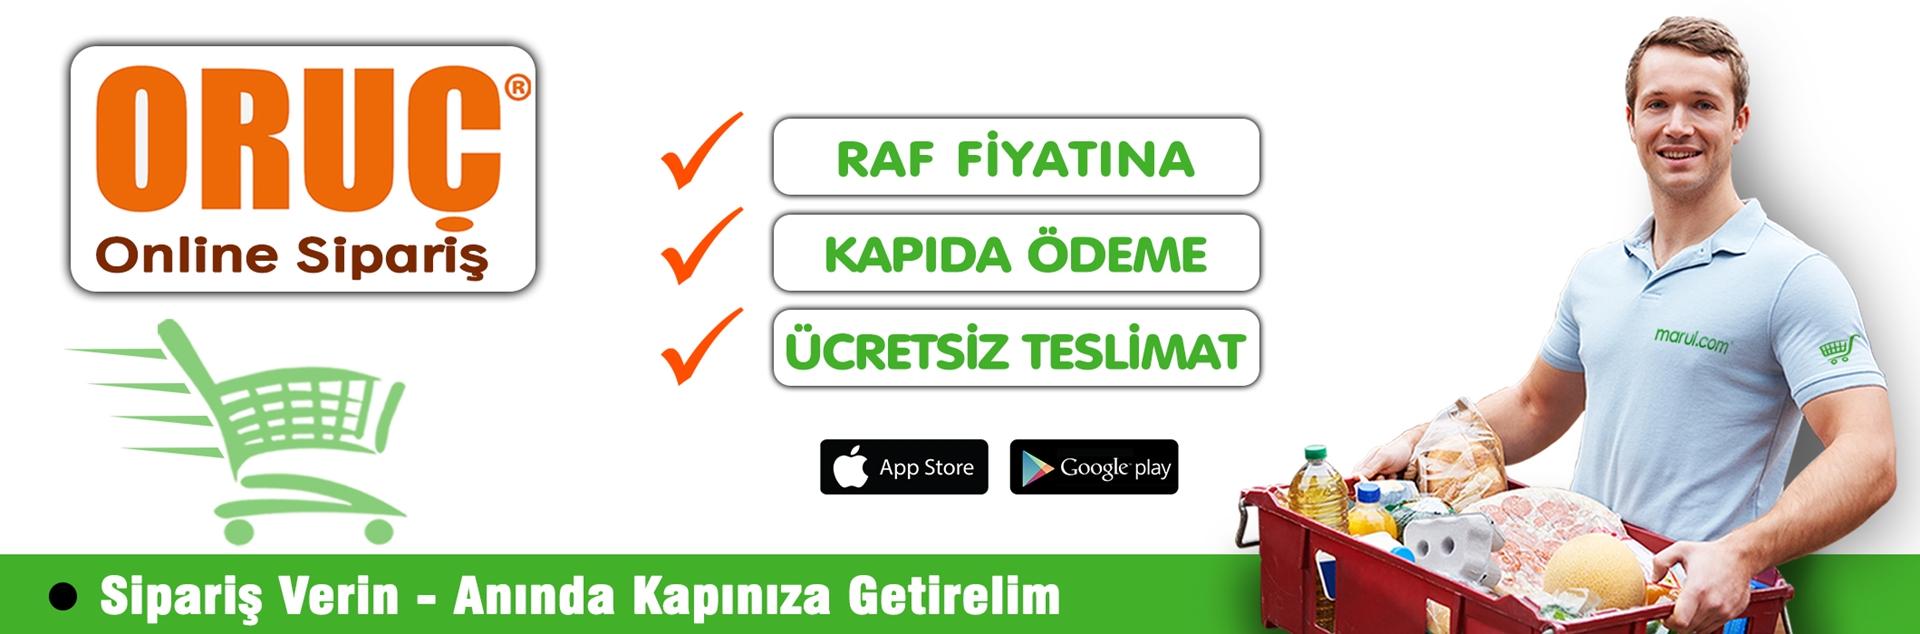 oruç market online market siparişi maltepe şubesi